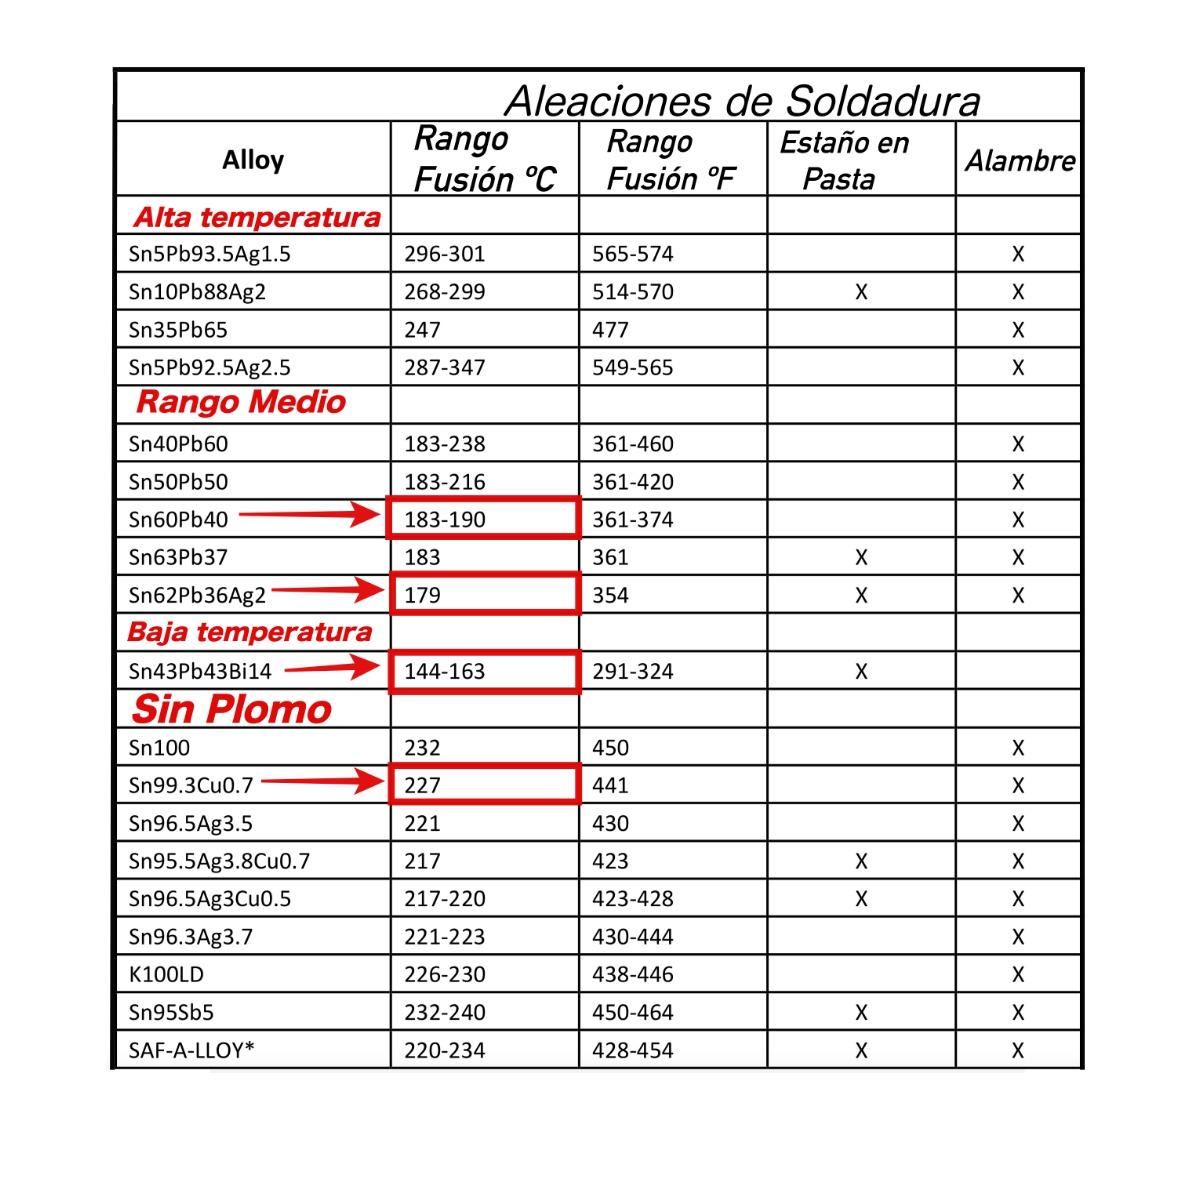 tabla de aleaciones en función de su temperatura de fundición